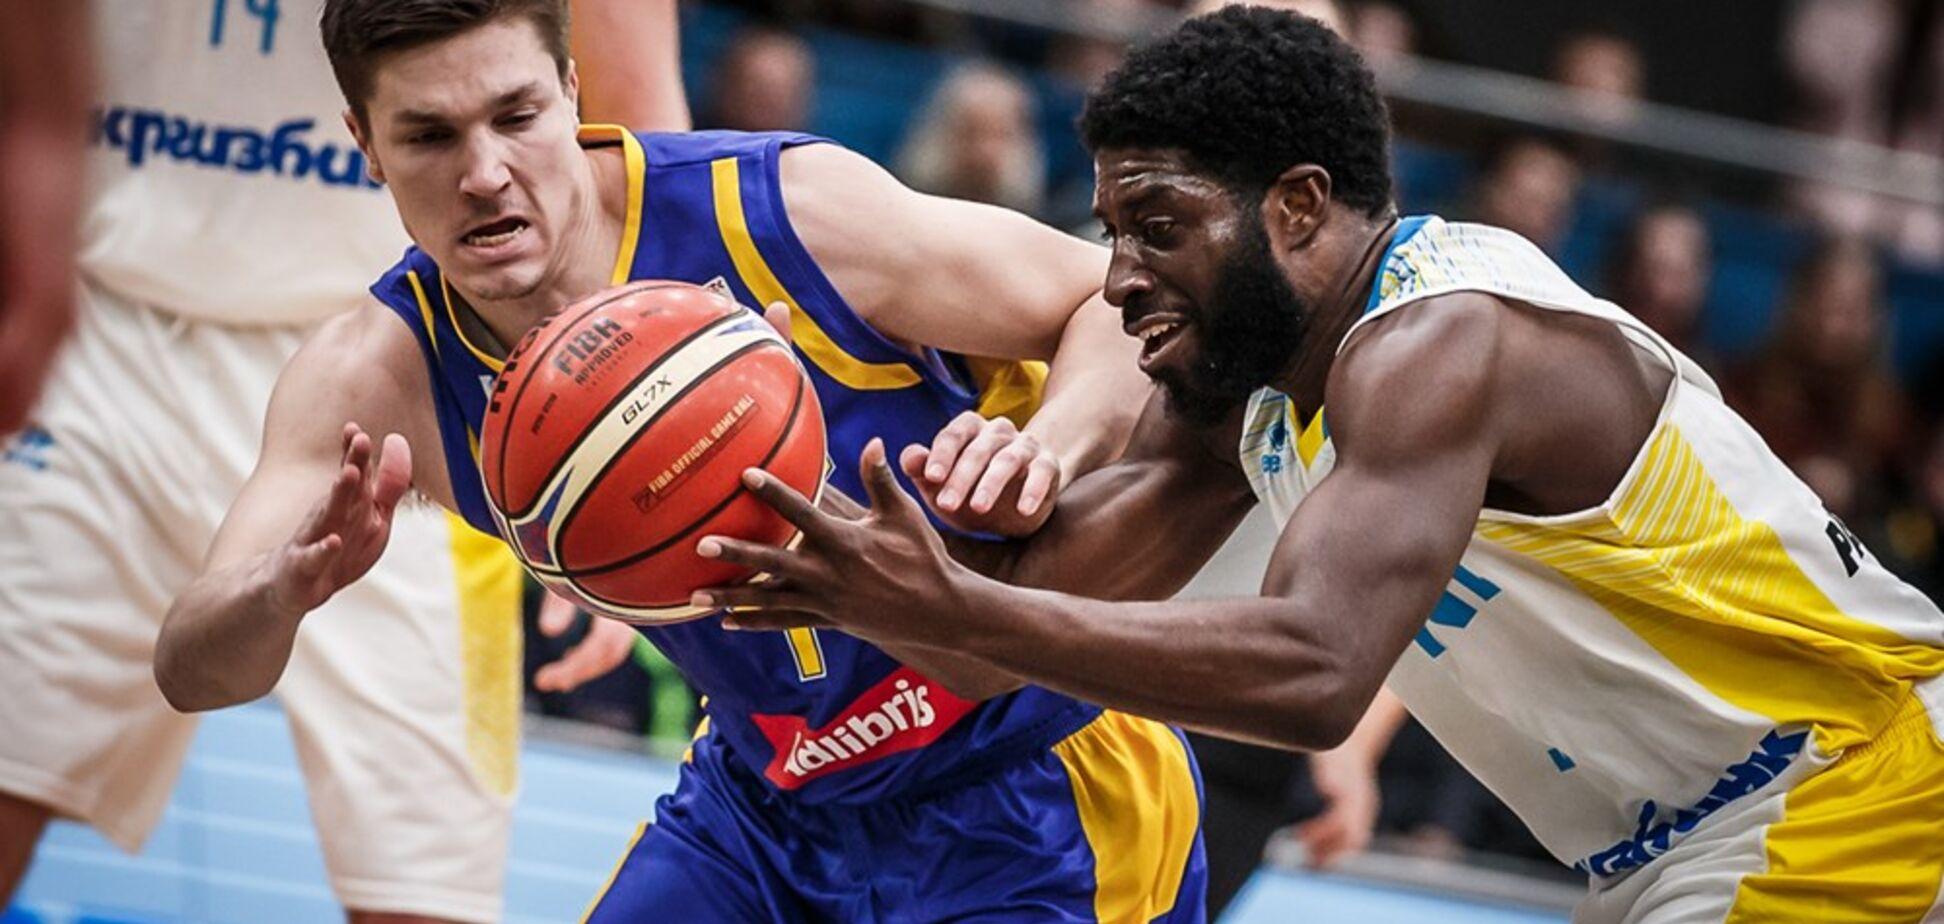 Туреччина - Україна: анонс матчу відбору КМ-2019 з баскетболу, трансляція на XSPORT